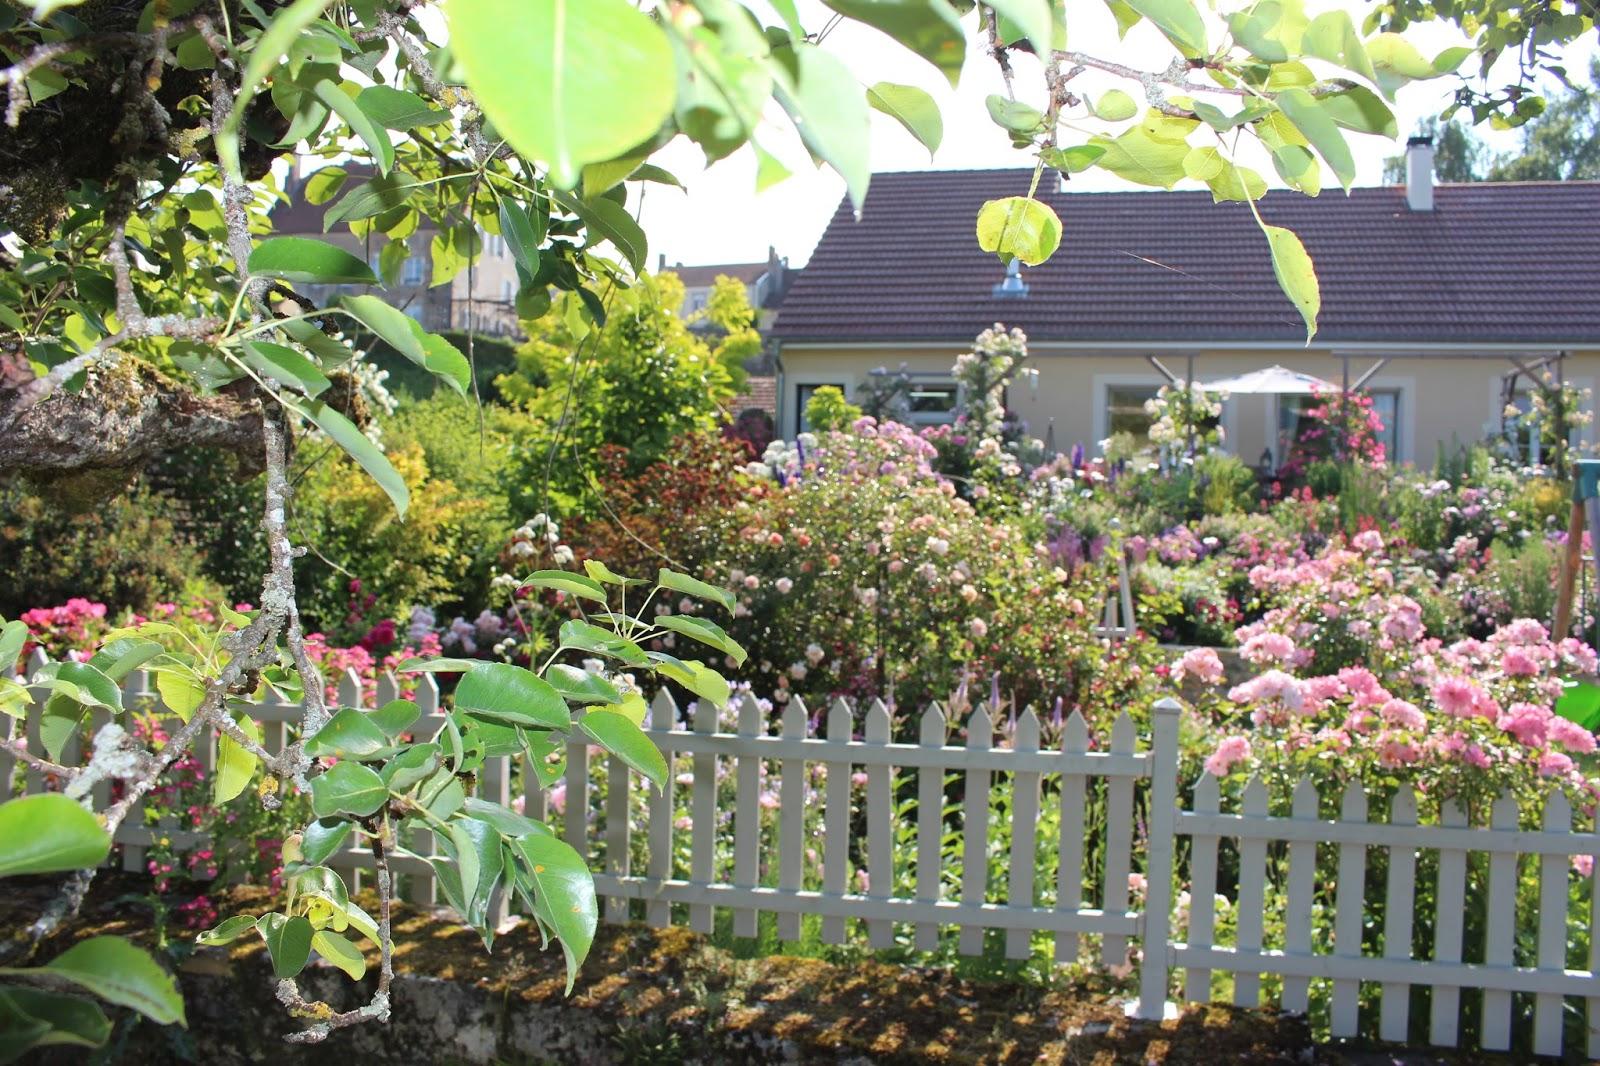 Notre jardin secret autre vision du jardin for Jardin secret 2015